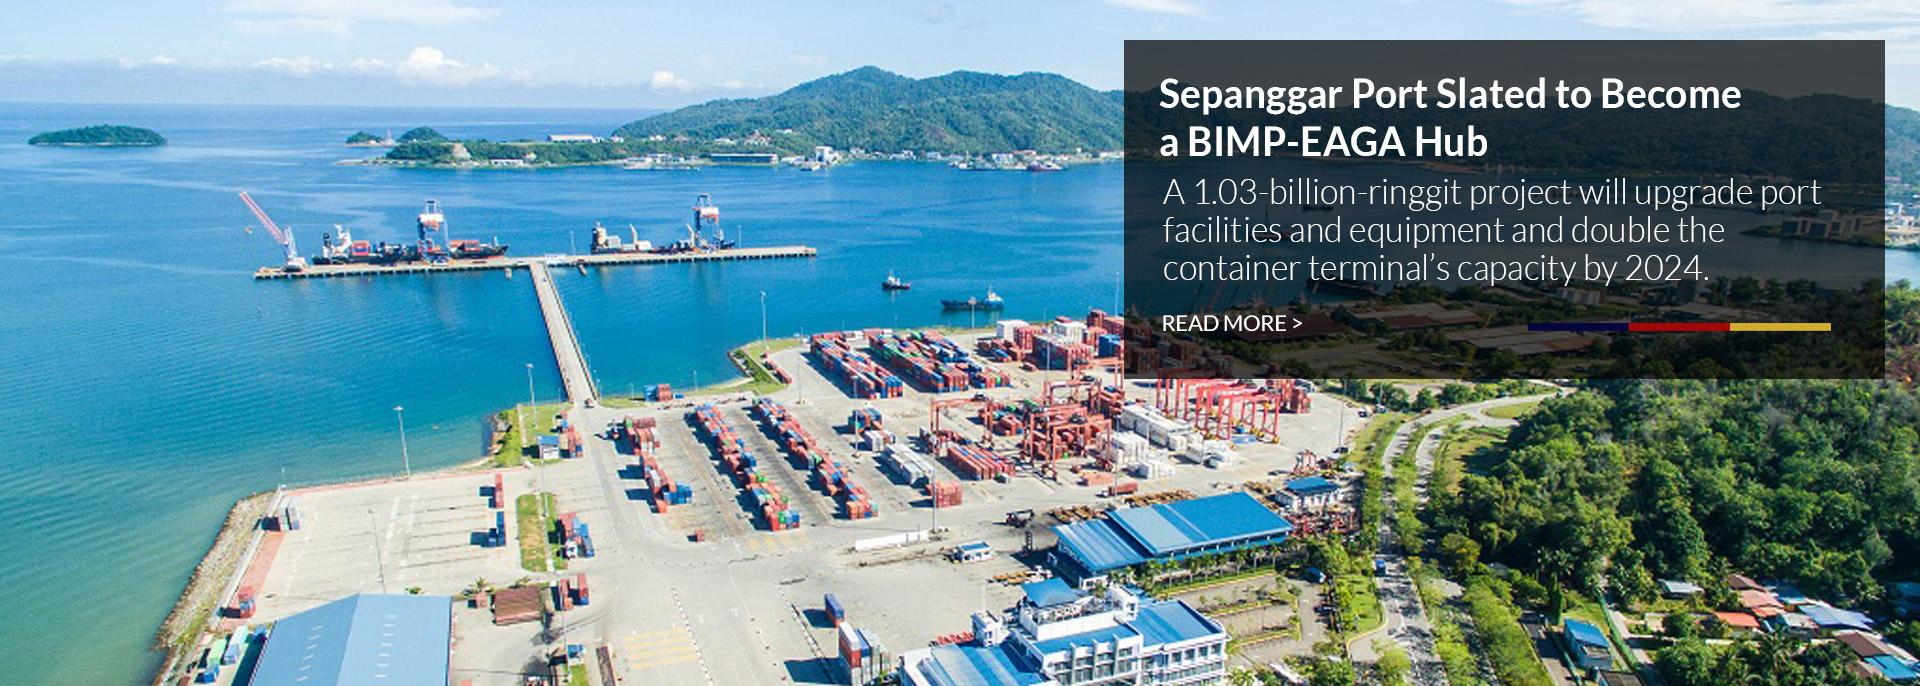 Sepanggar Port aerial view